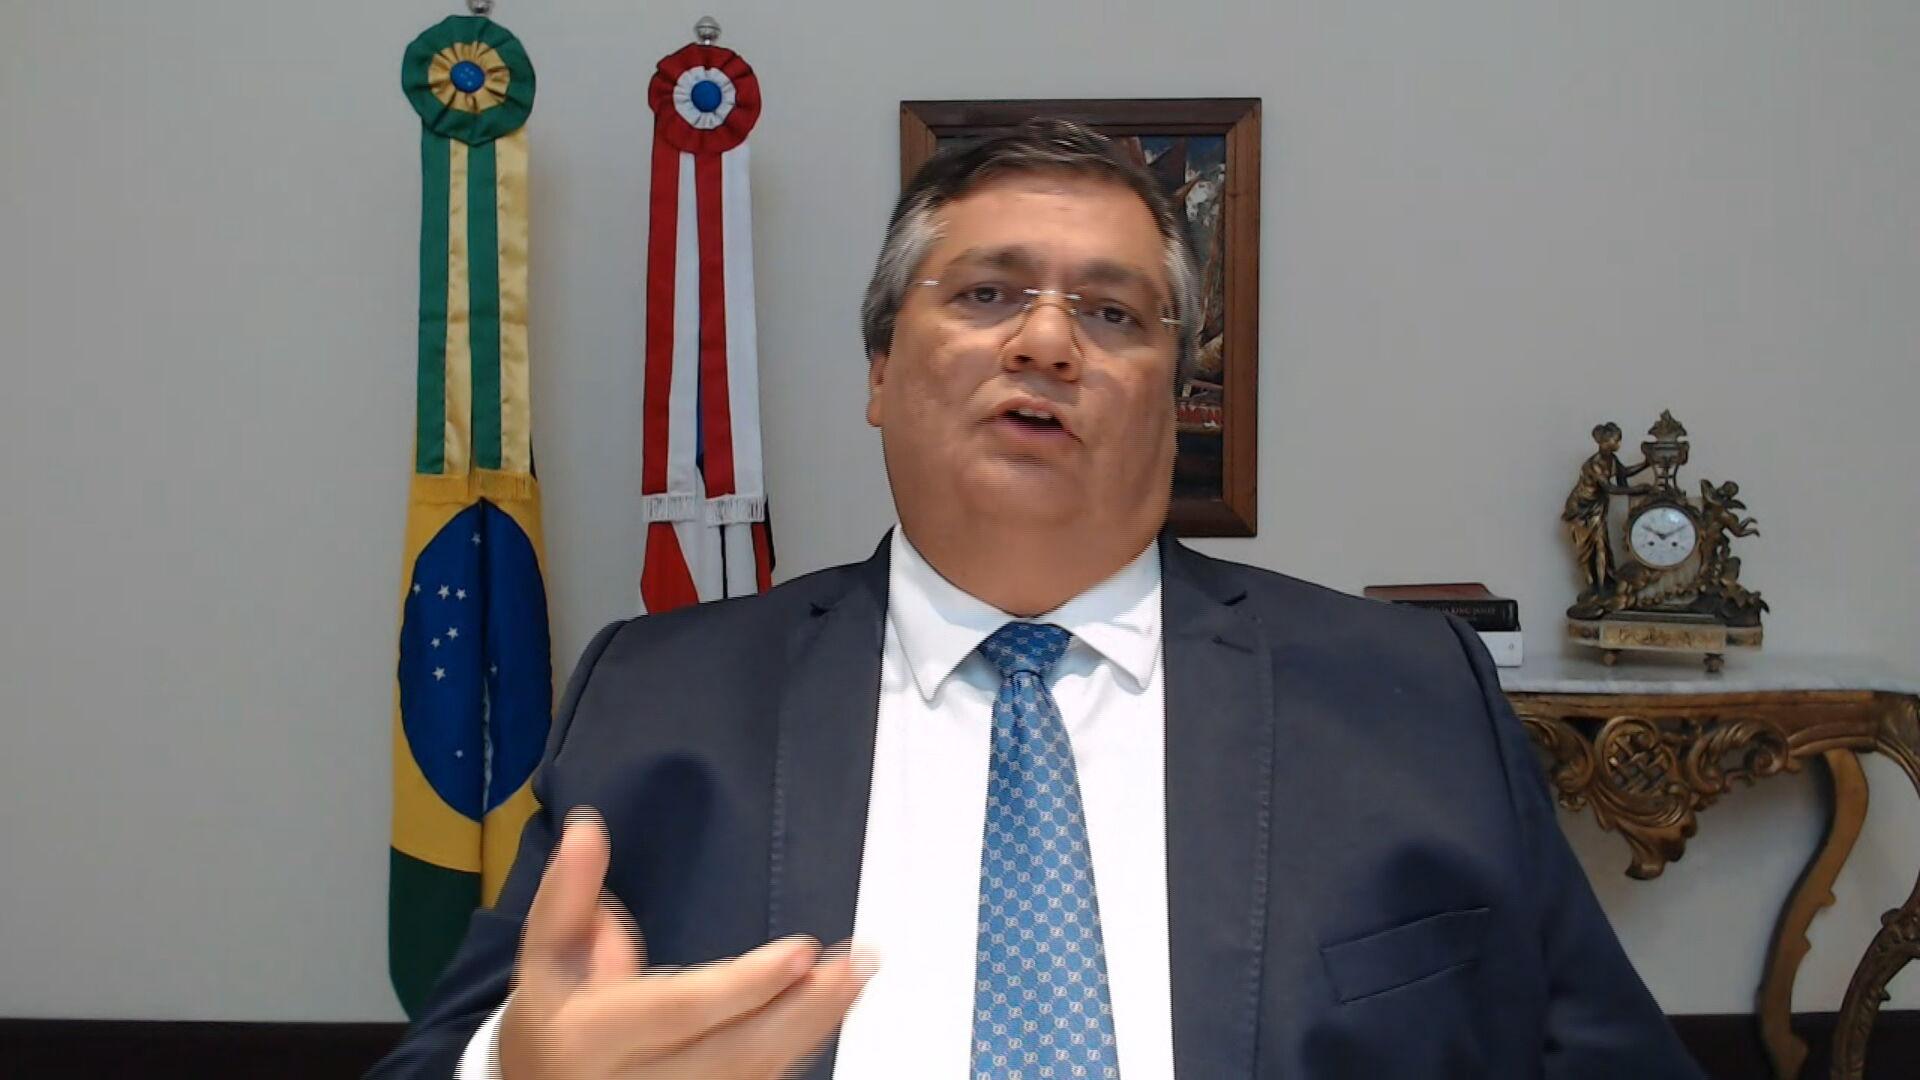 Flávio Dino (PCdoB), governador do Maranhão, em entrevista para a CNN (08.dec.20